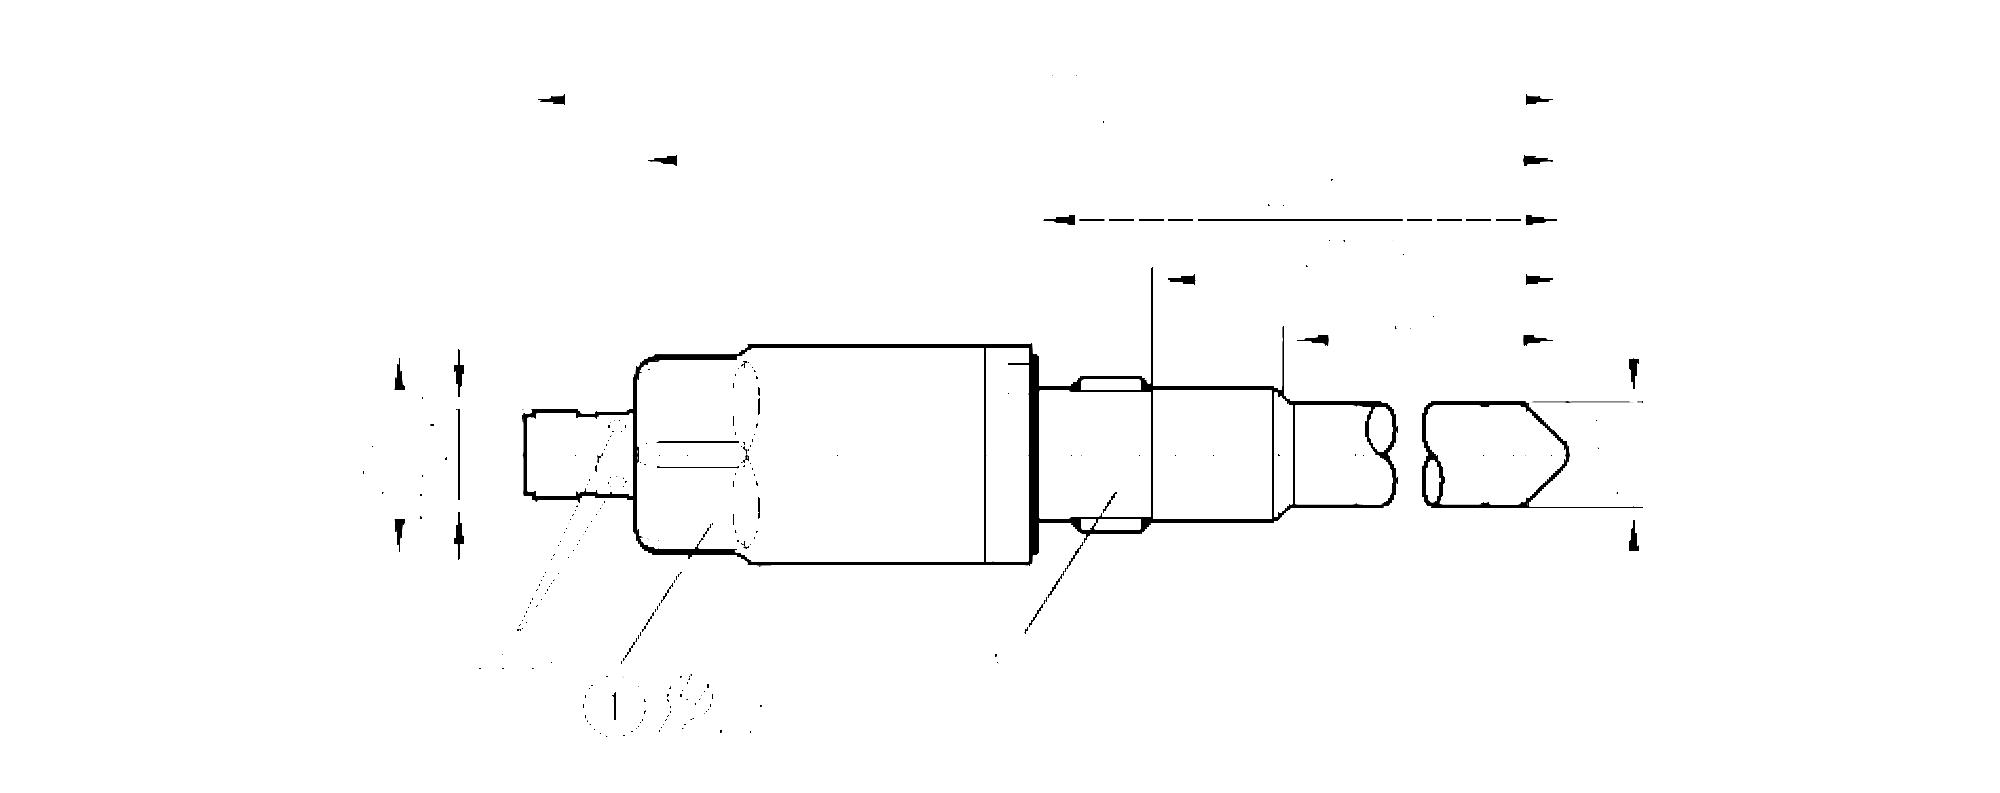 lmt105 - sensor for point level detection